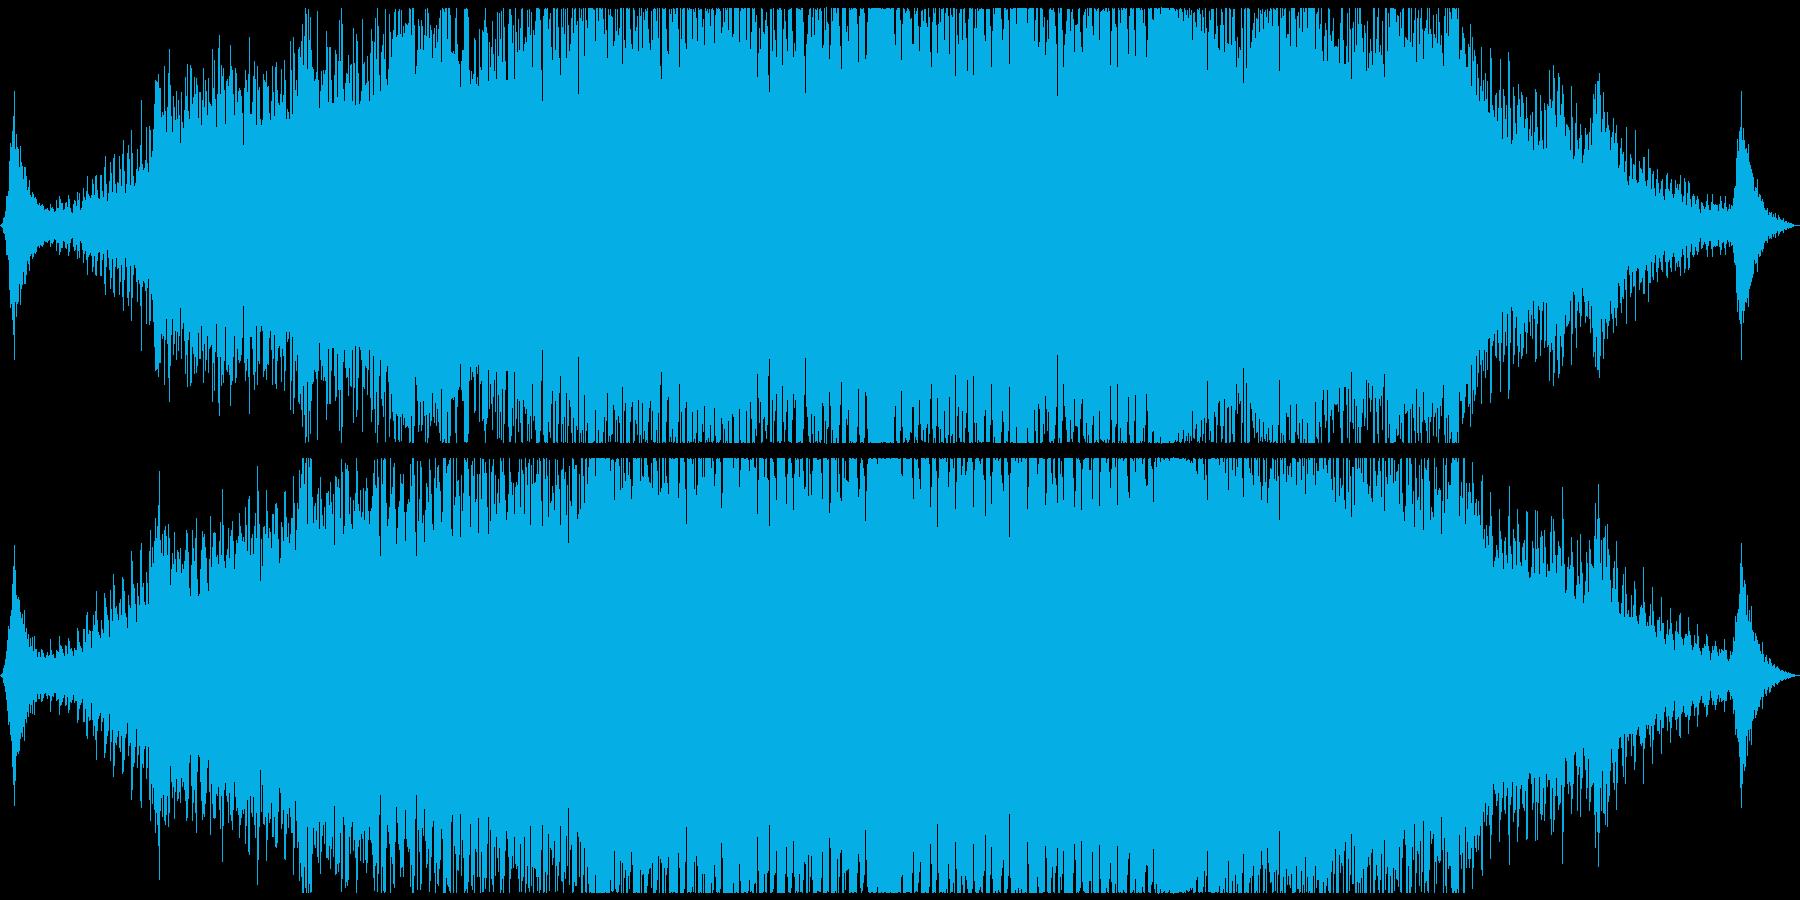 クラブ/エレクトロニカ/アンビエントの再生済みの波形